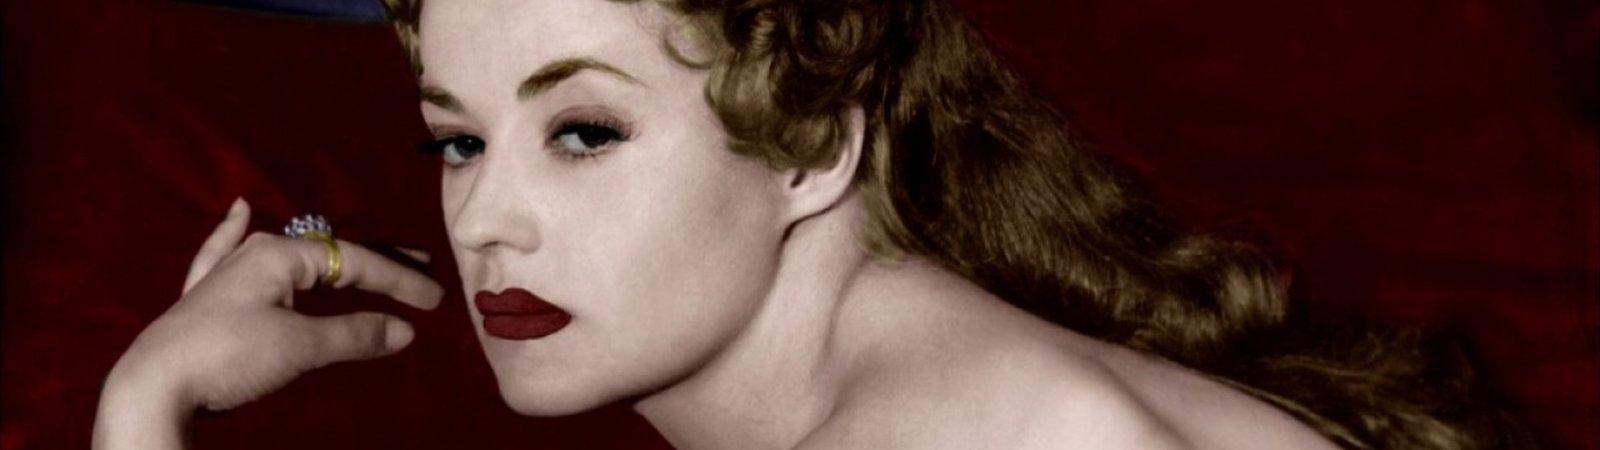 Photo du film : La reine margot